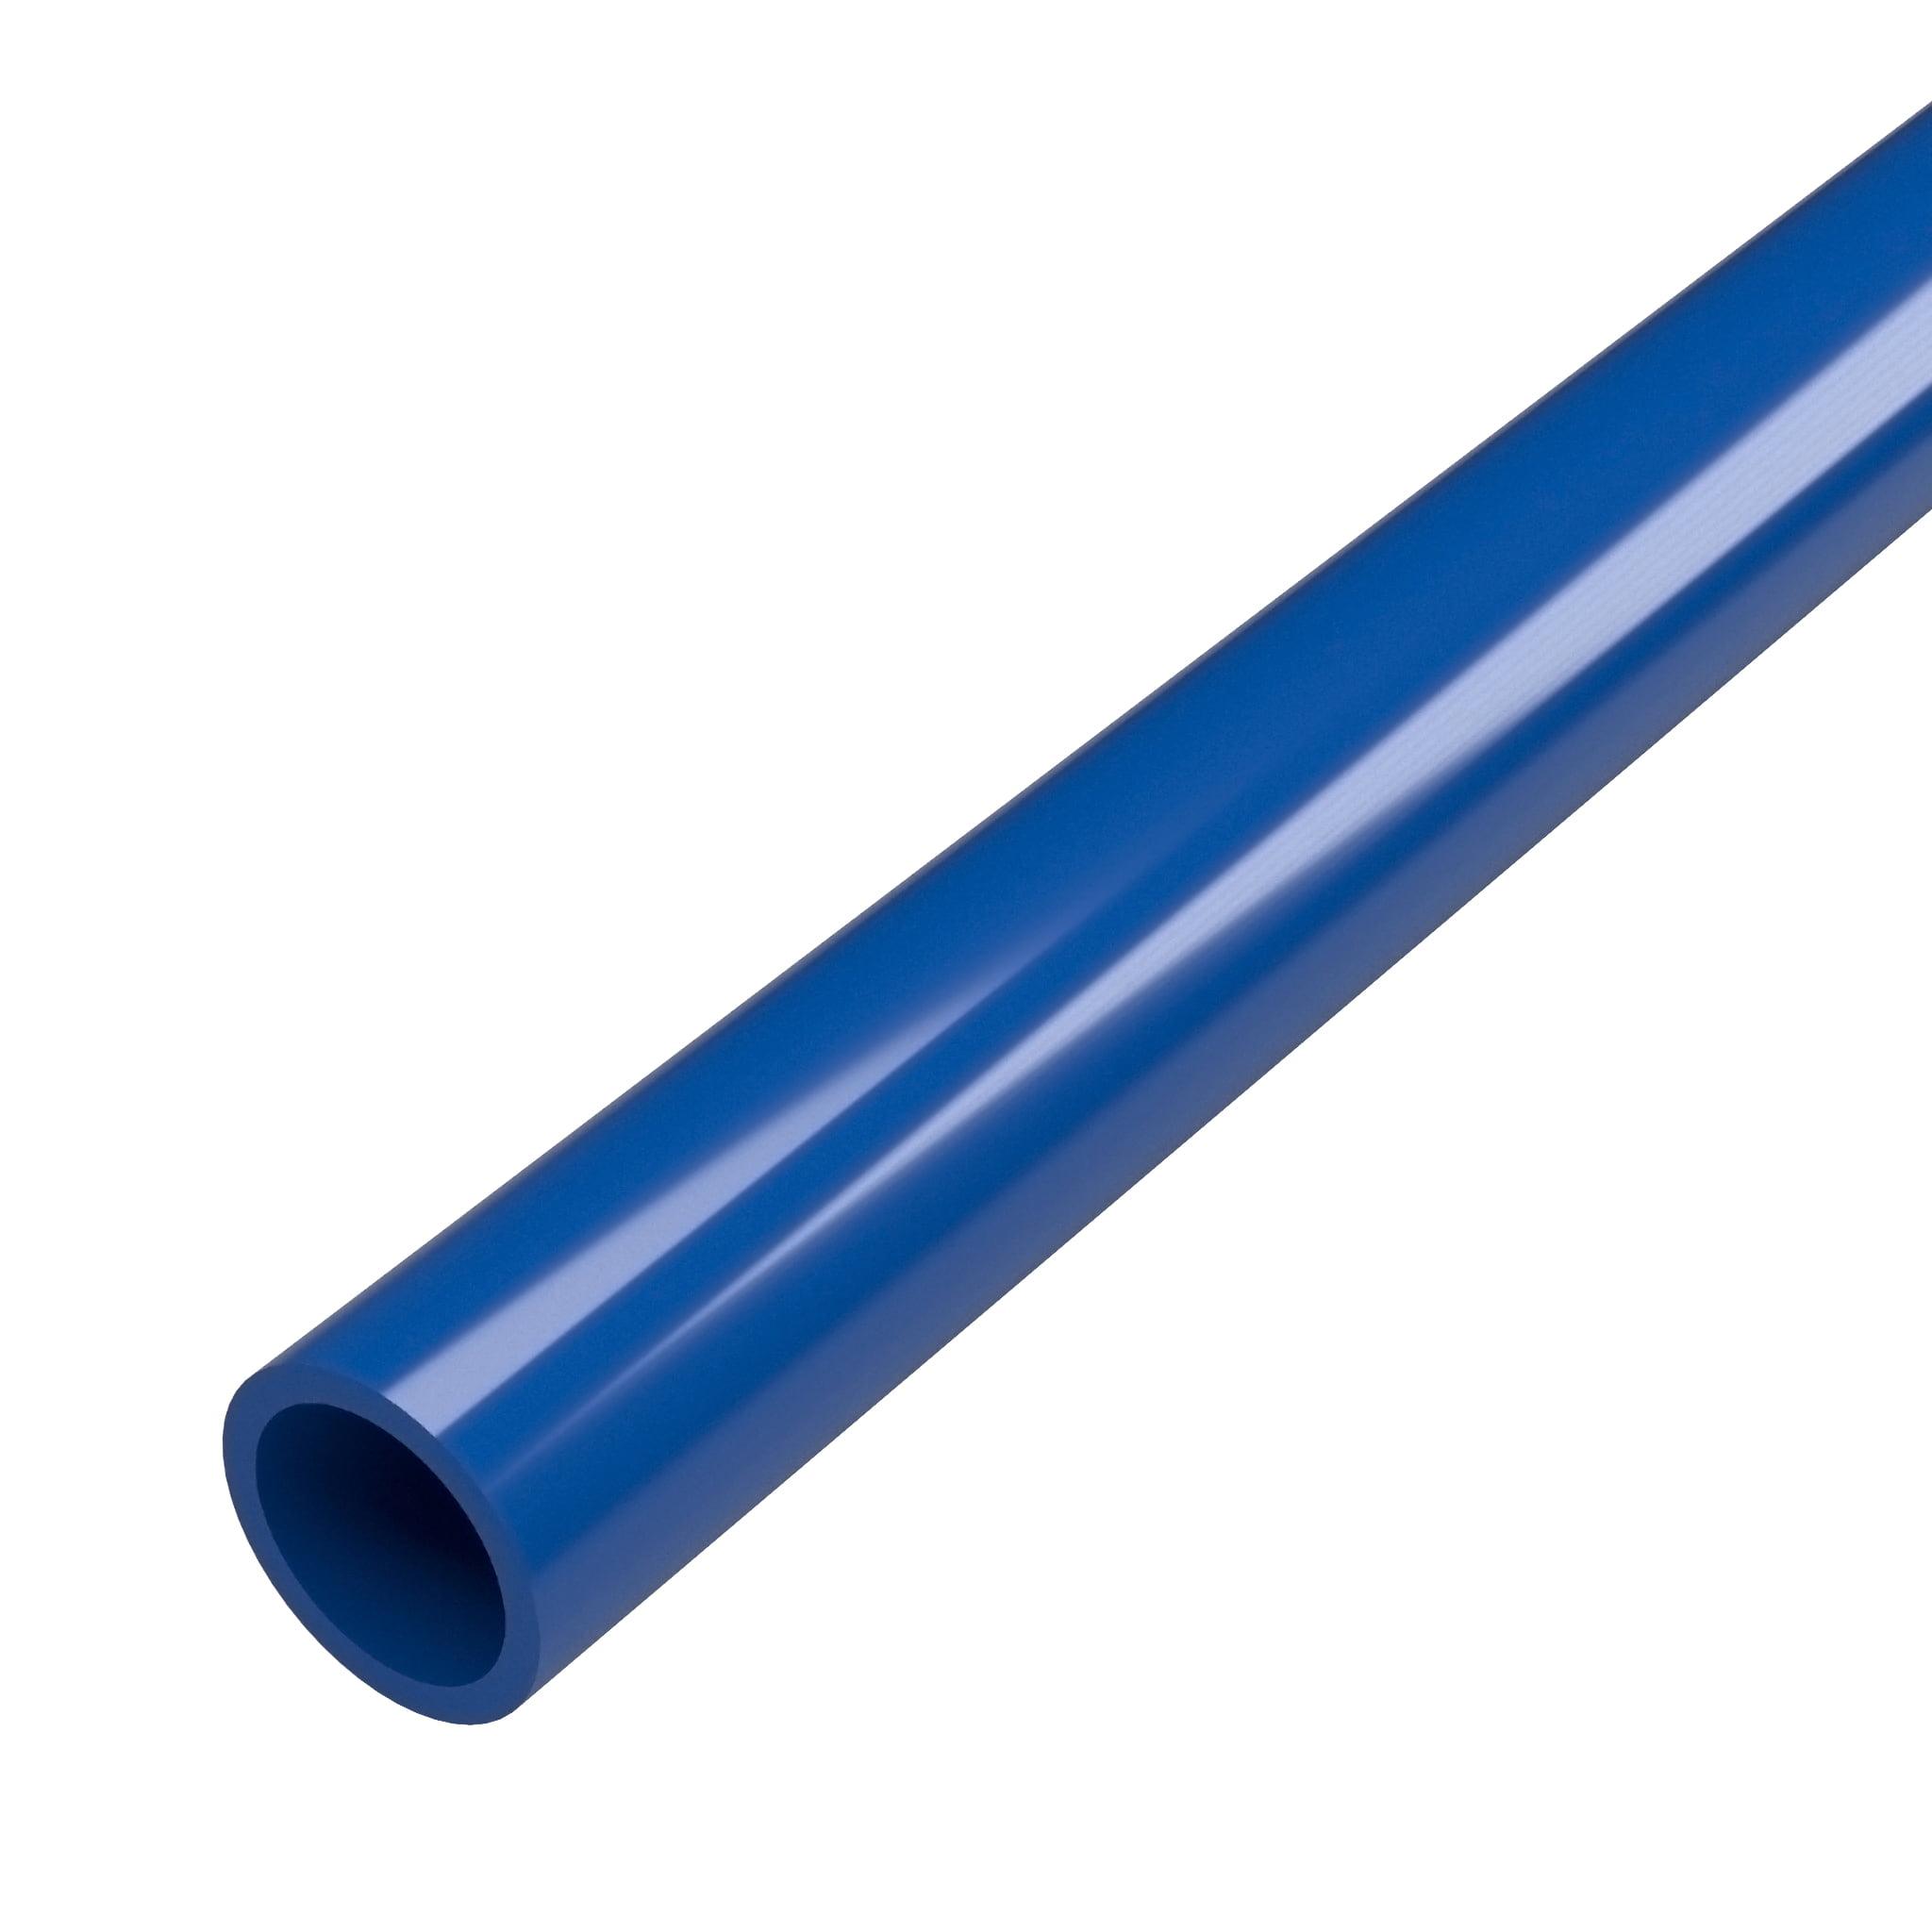 """FORMUFIT P012FGP-BL-5 Schedule 40 PVC Pipe, Furniture Grade, 5-Feet, 1/2"""" Size, Blue"""